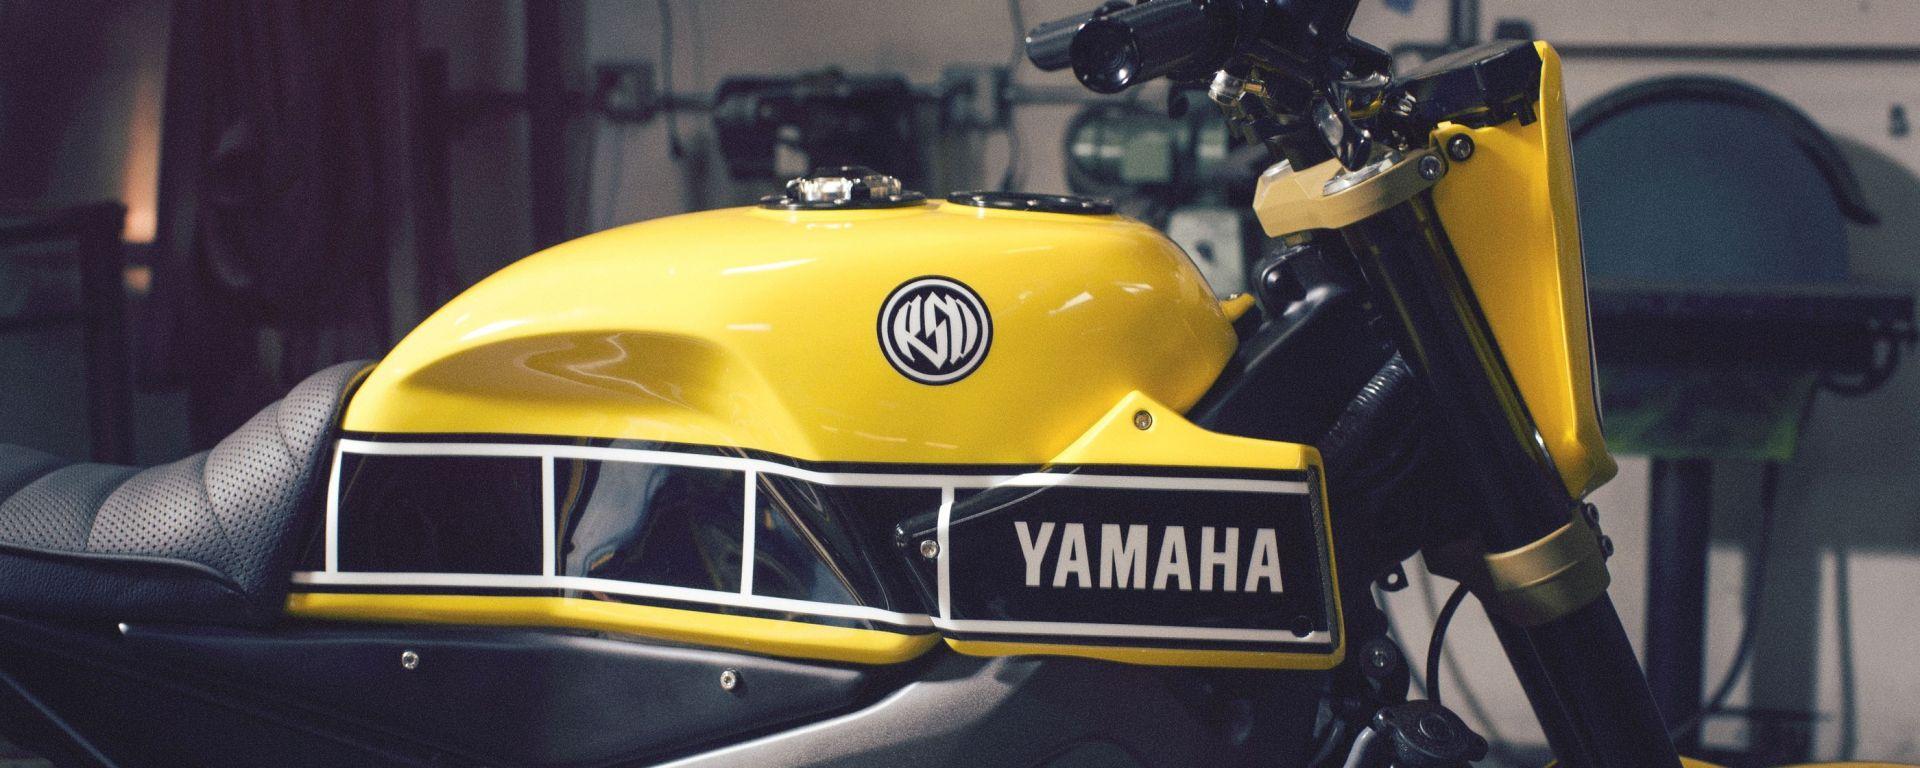 Yamaha Faster Wasp